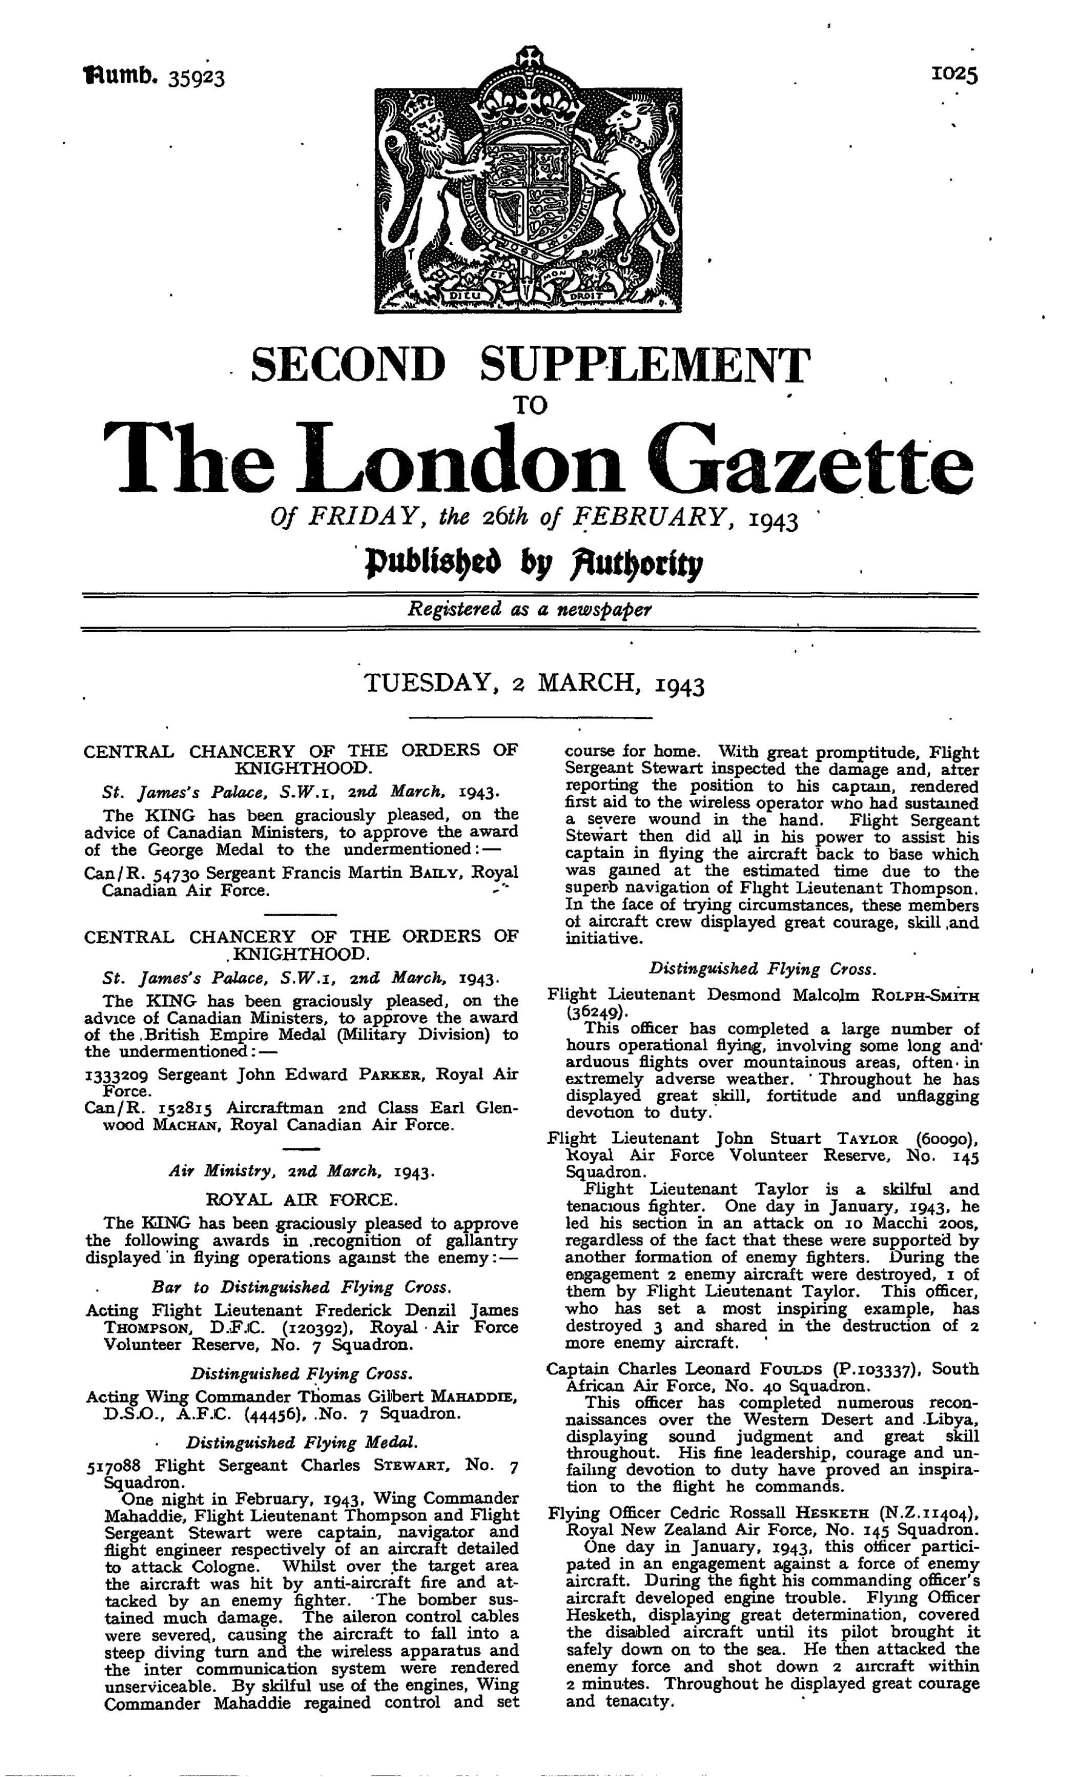 london gazette, Feb 1943